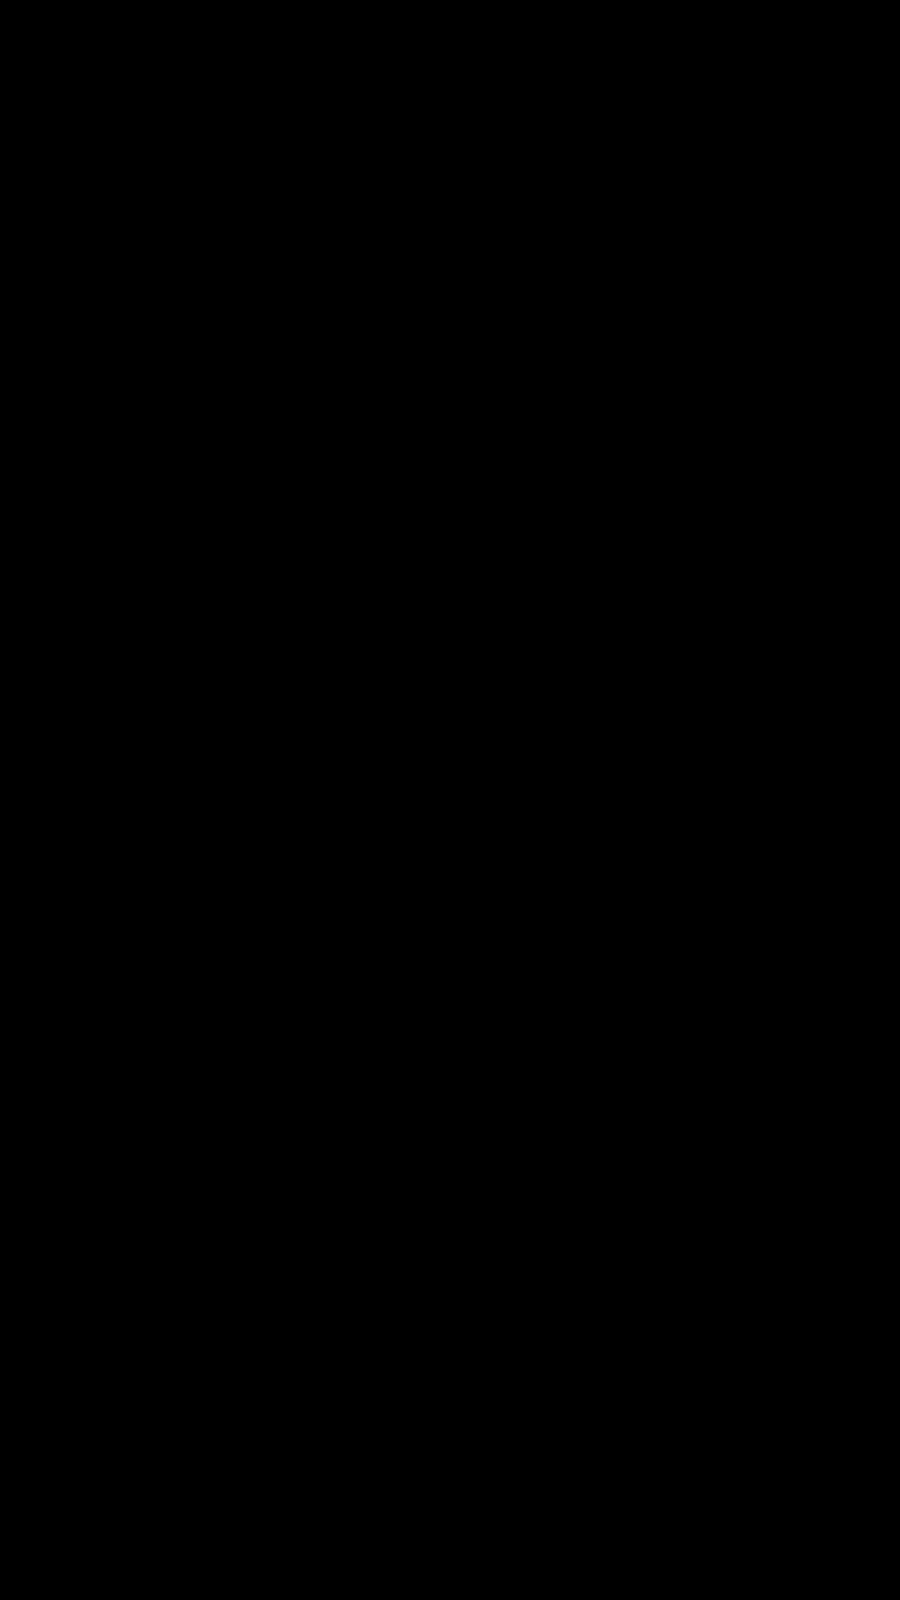 img-20190227-wa0011